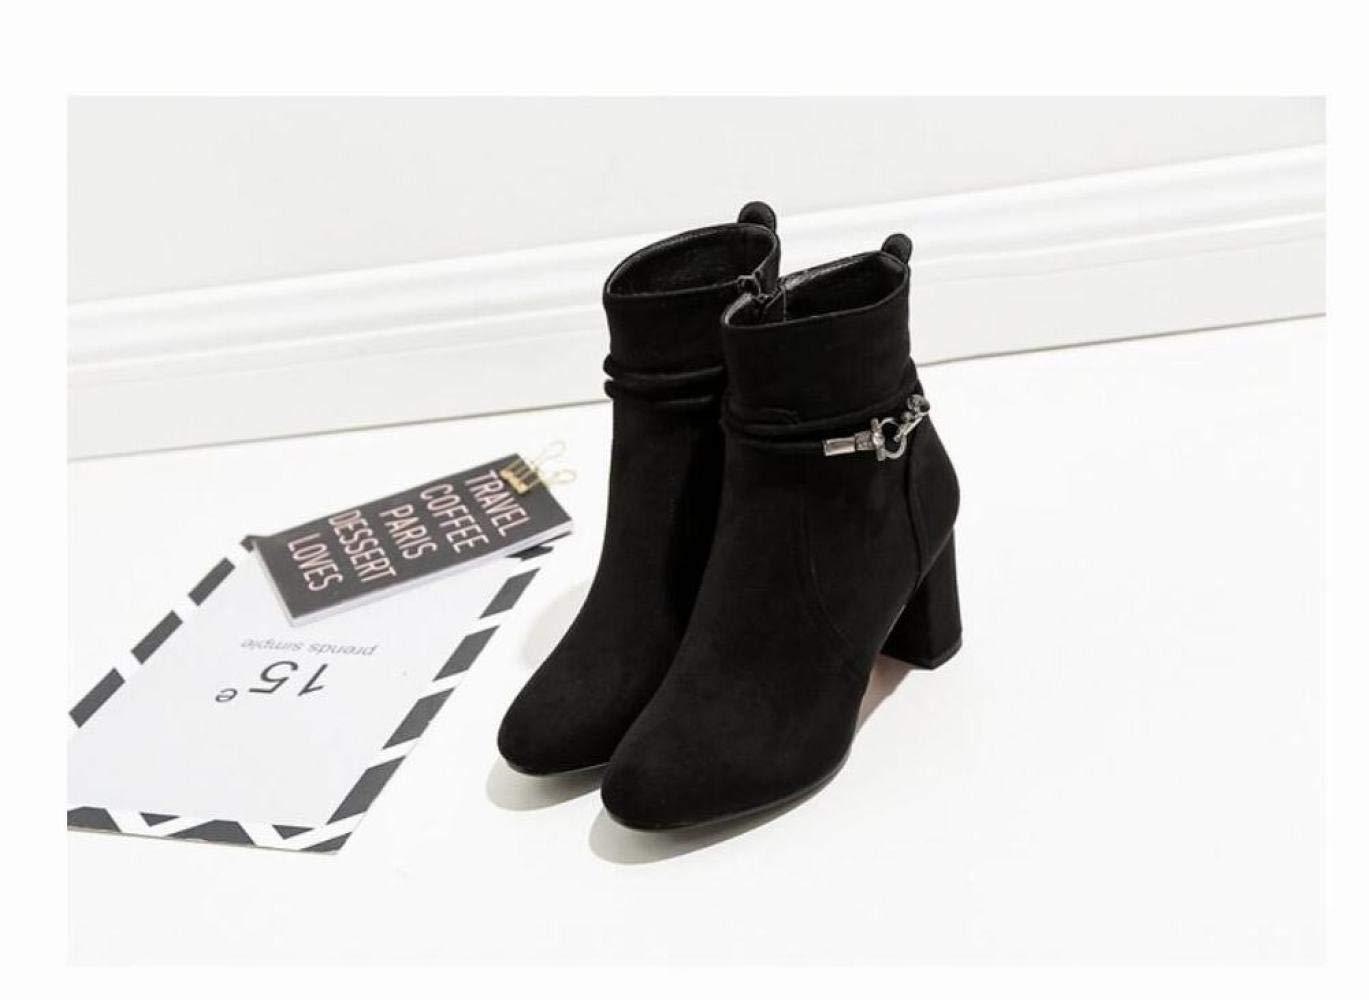 ZHRUI Damenschuhe Damenschuhe Damenschuhe - Herbst und Winter Warme Stiefel mit hohem Absatz Spitz mit schwarzen Stiefeln Größe Damenstiefel (Farbe   Schwarz, Größe   EU 40) e0a05f